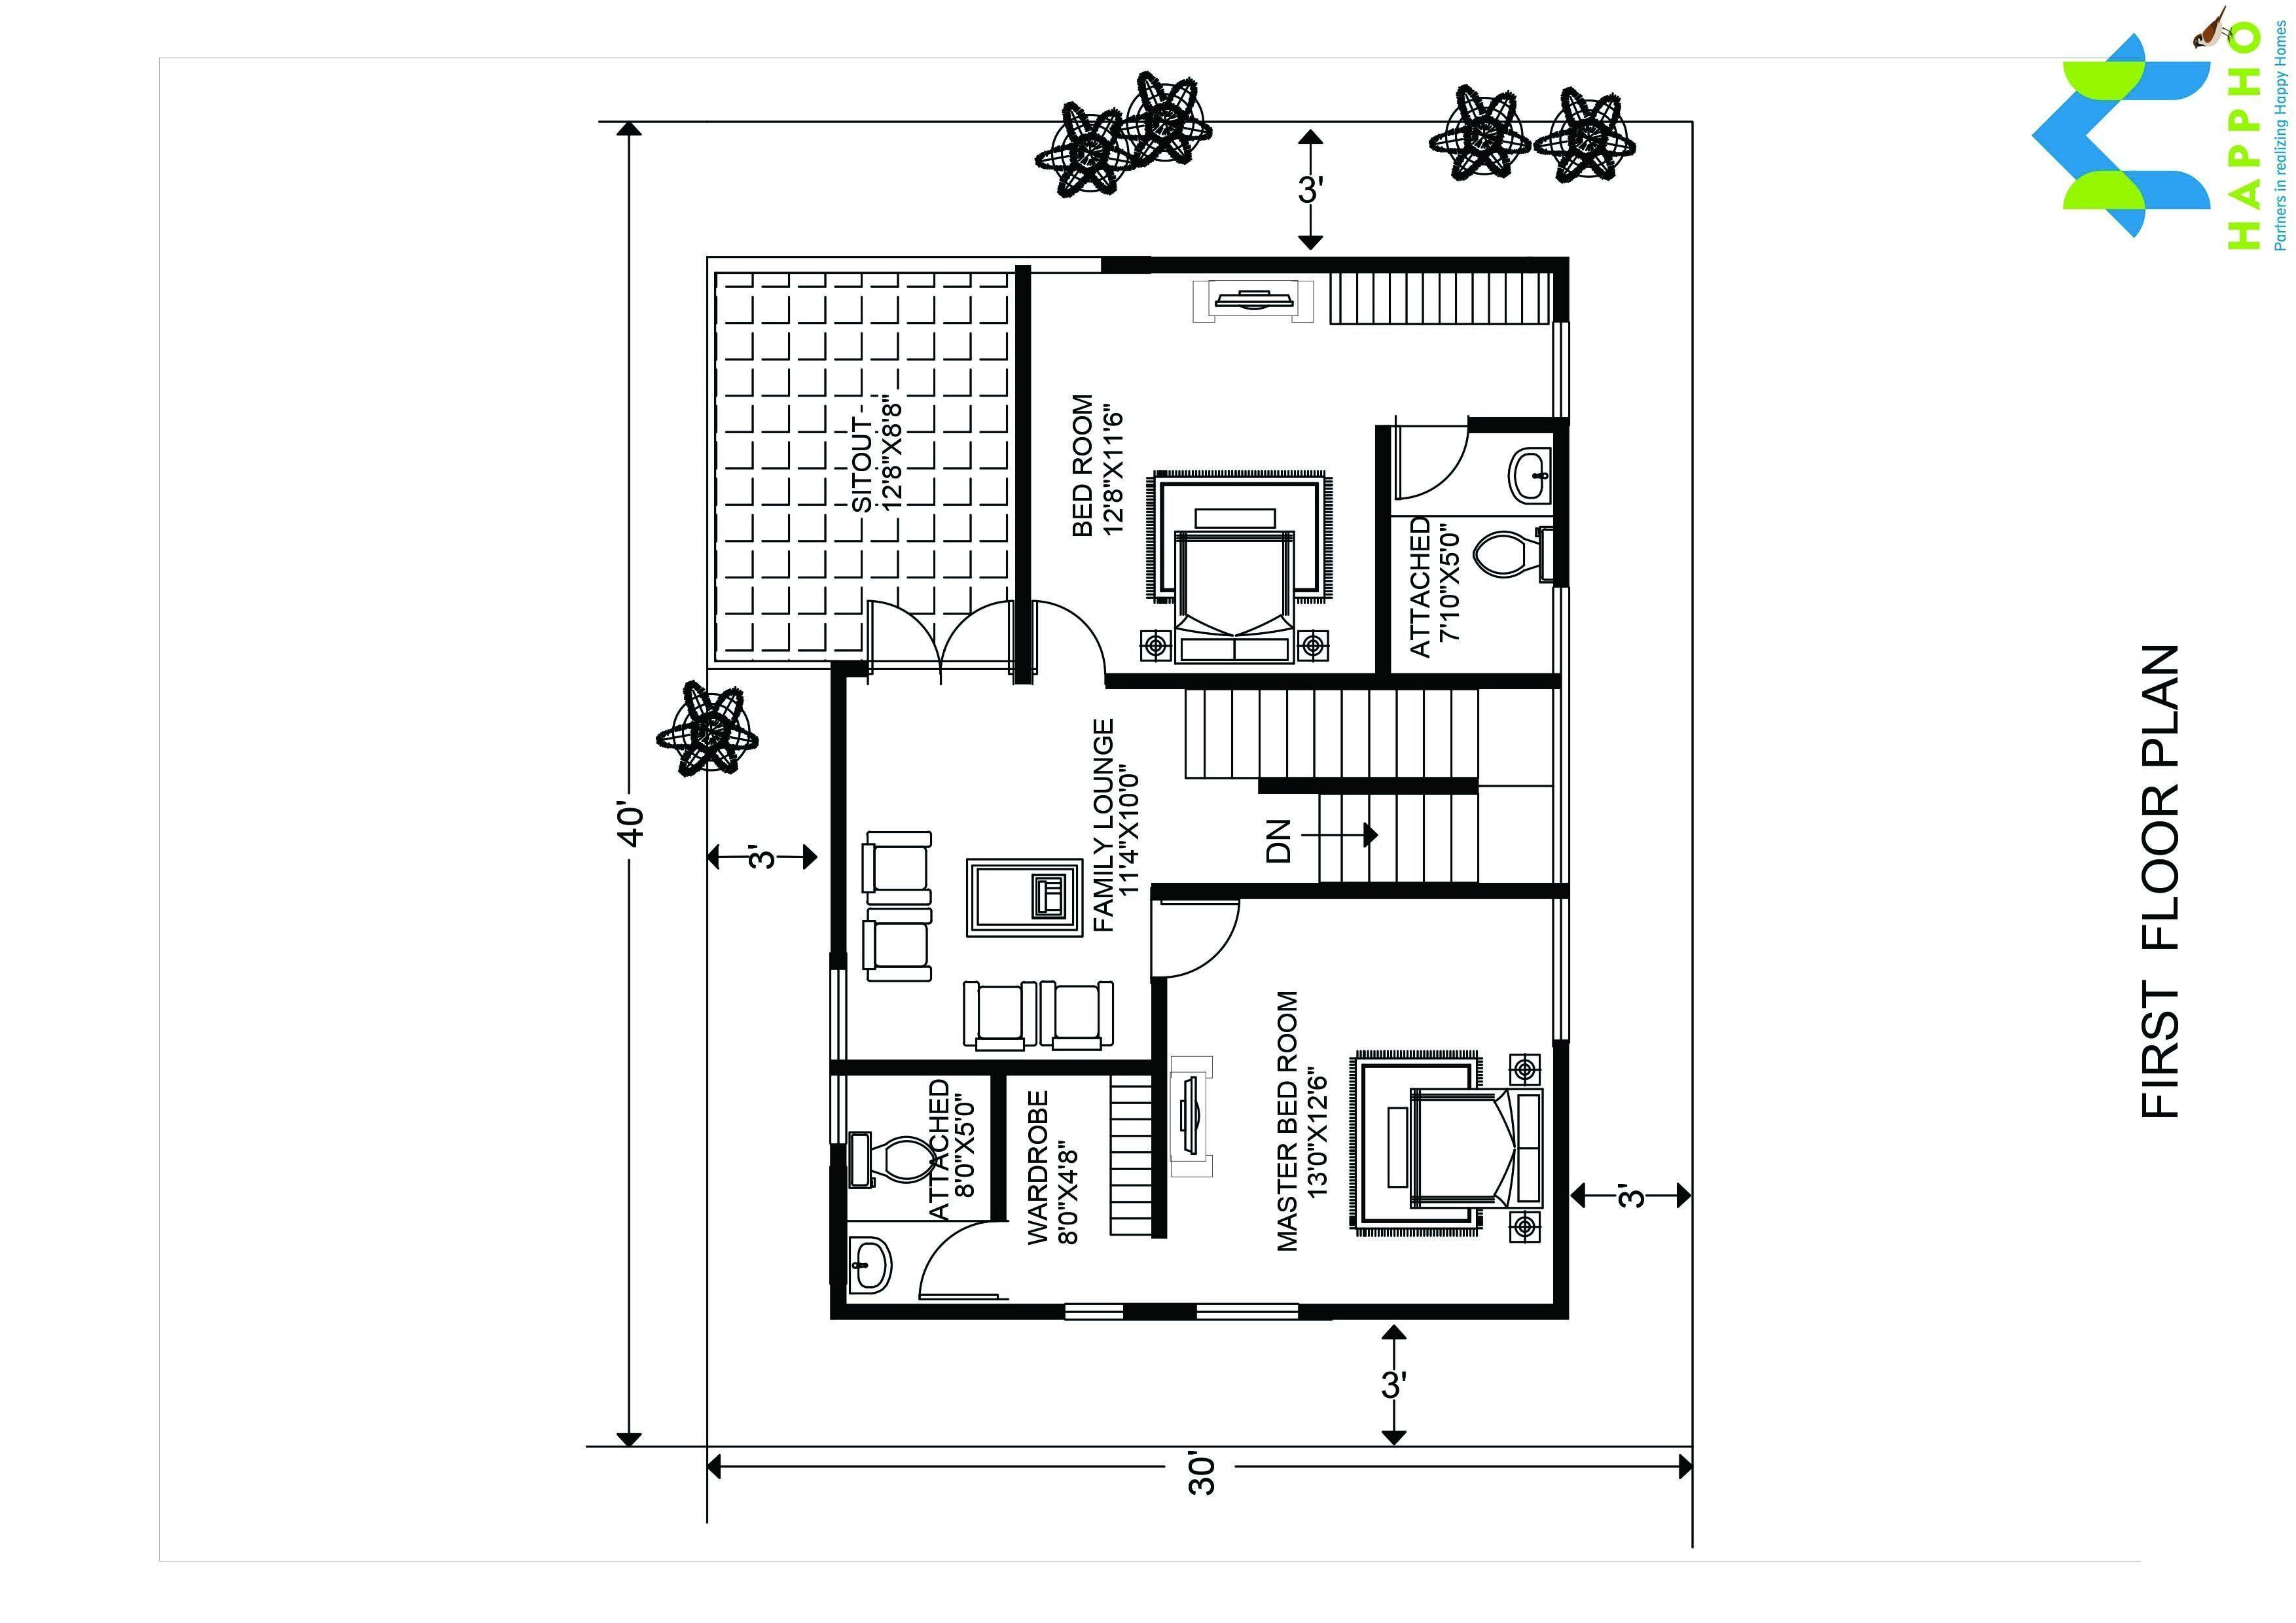 1 bhk floor plan for 20 x 40 feet plot 800 square feet for 30 x 40 floor plans